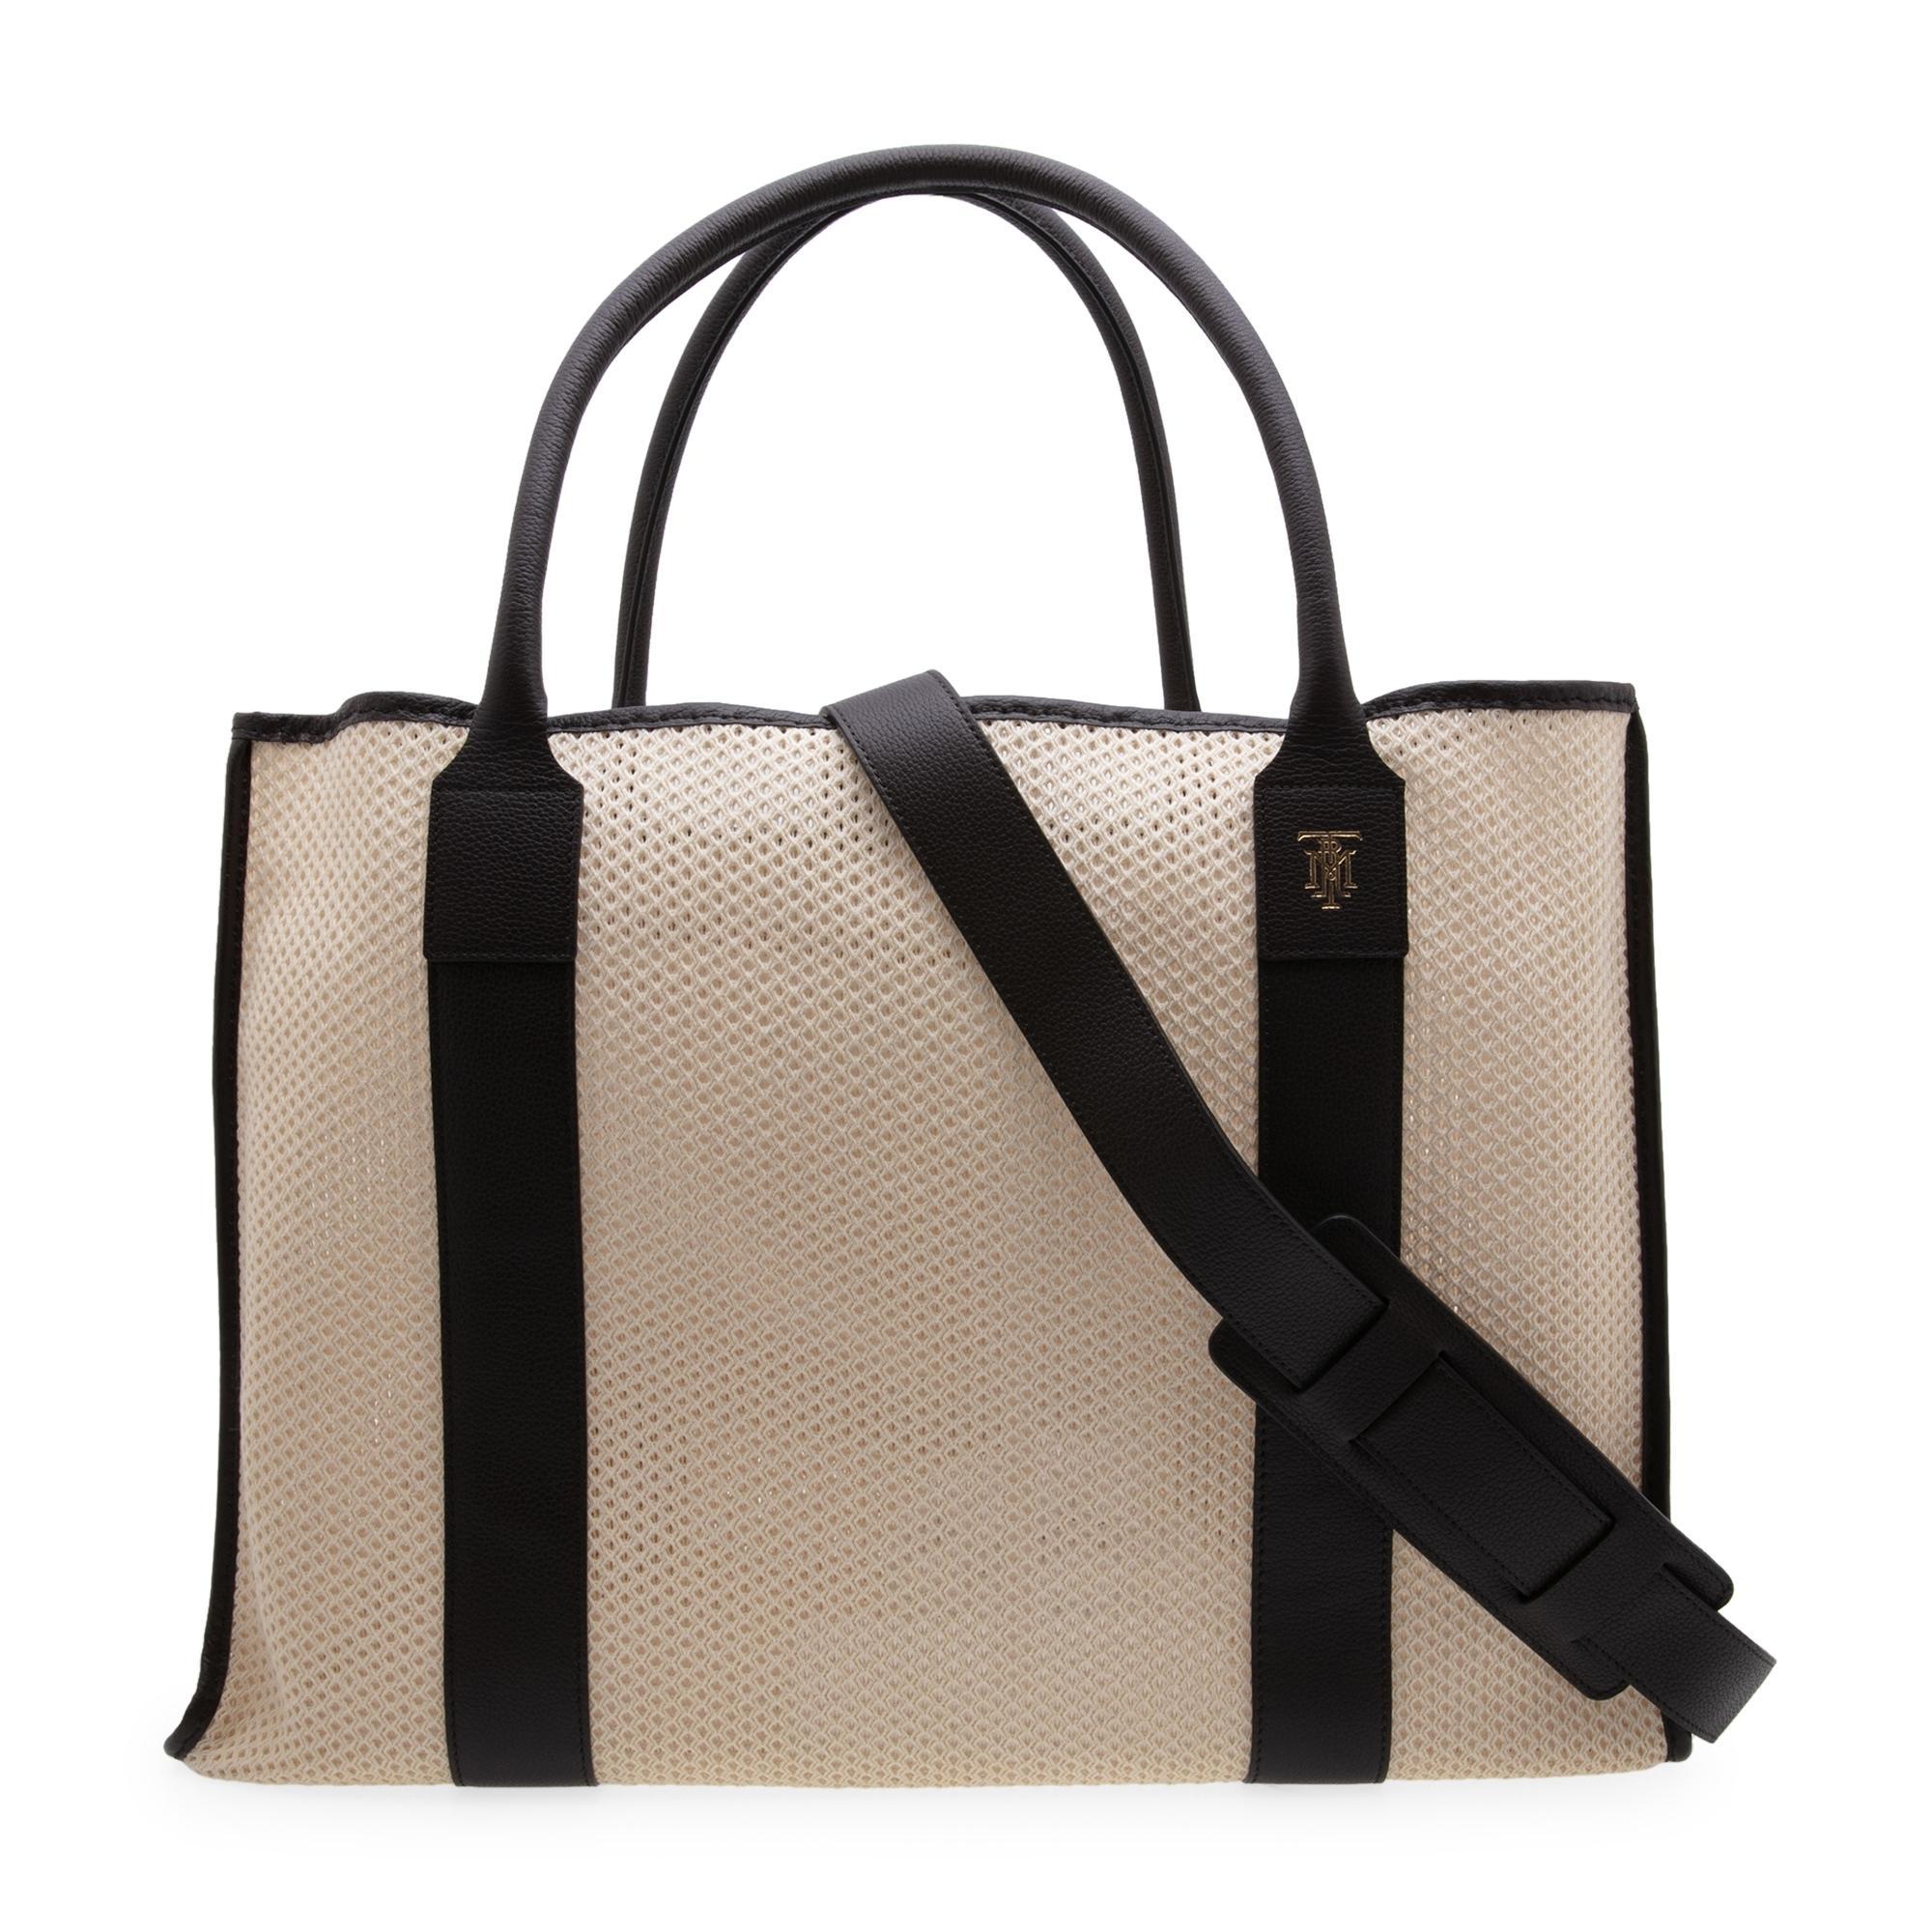 Elektra bag